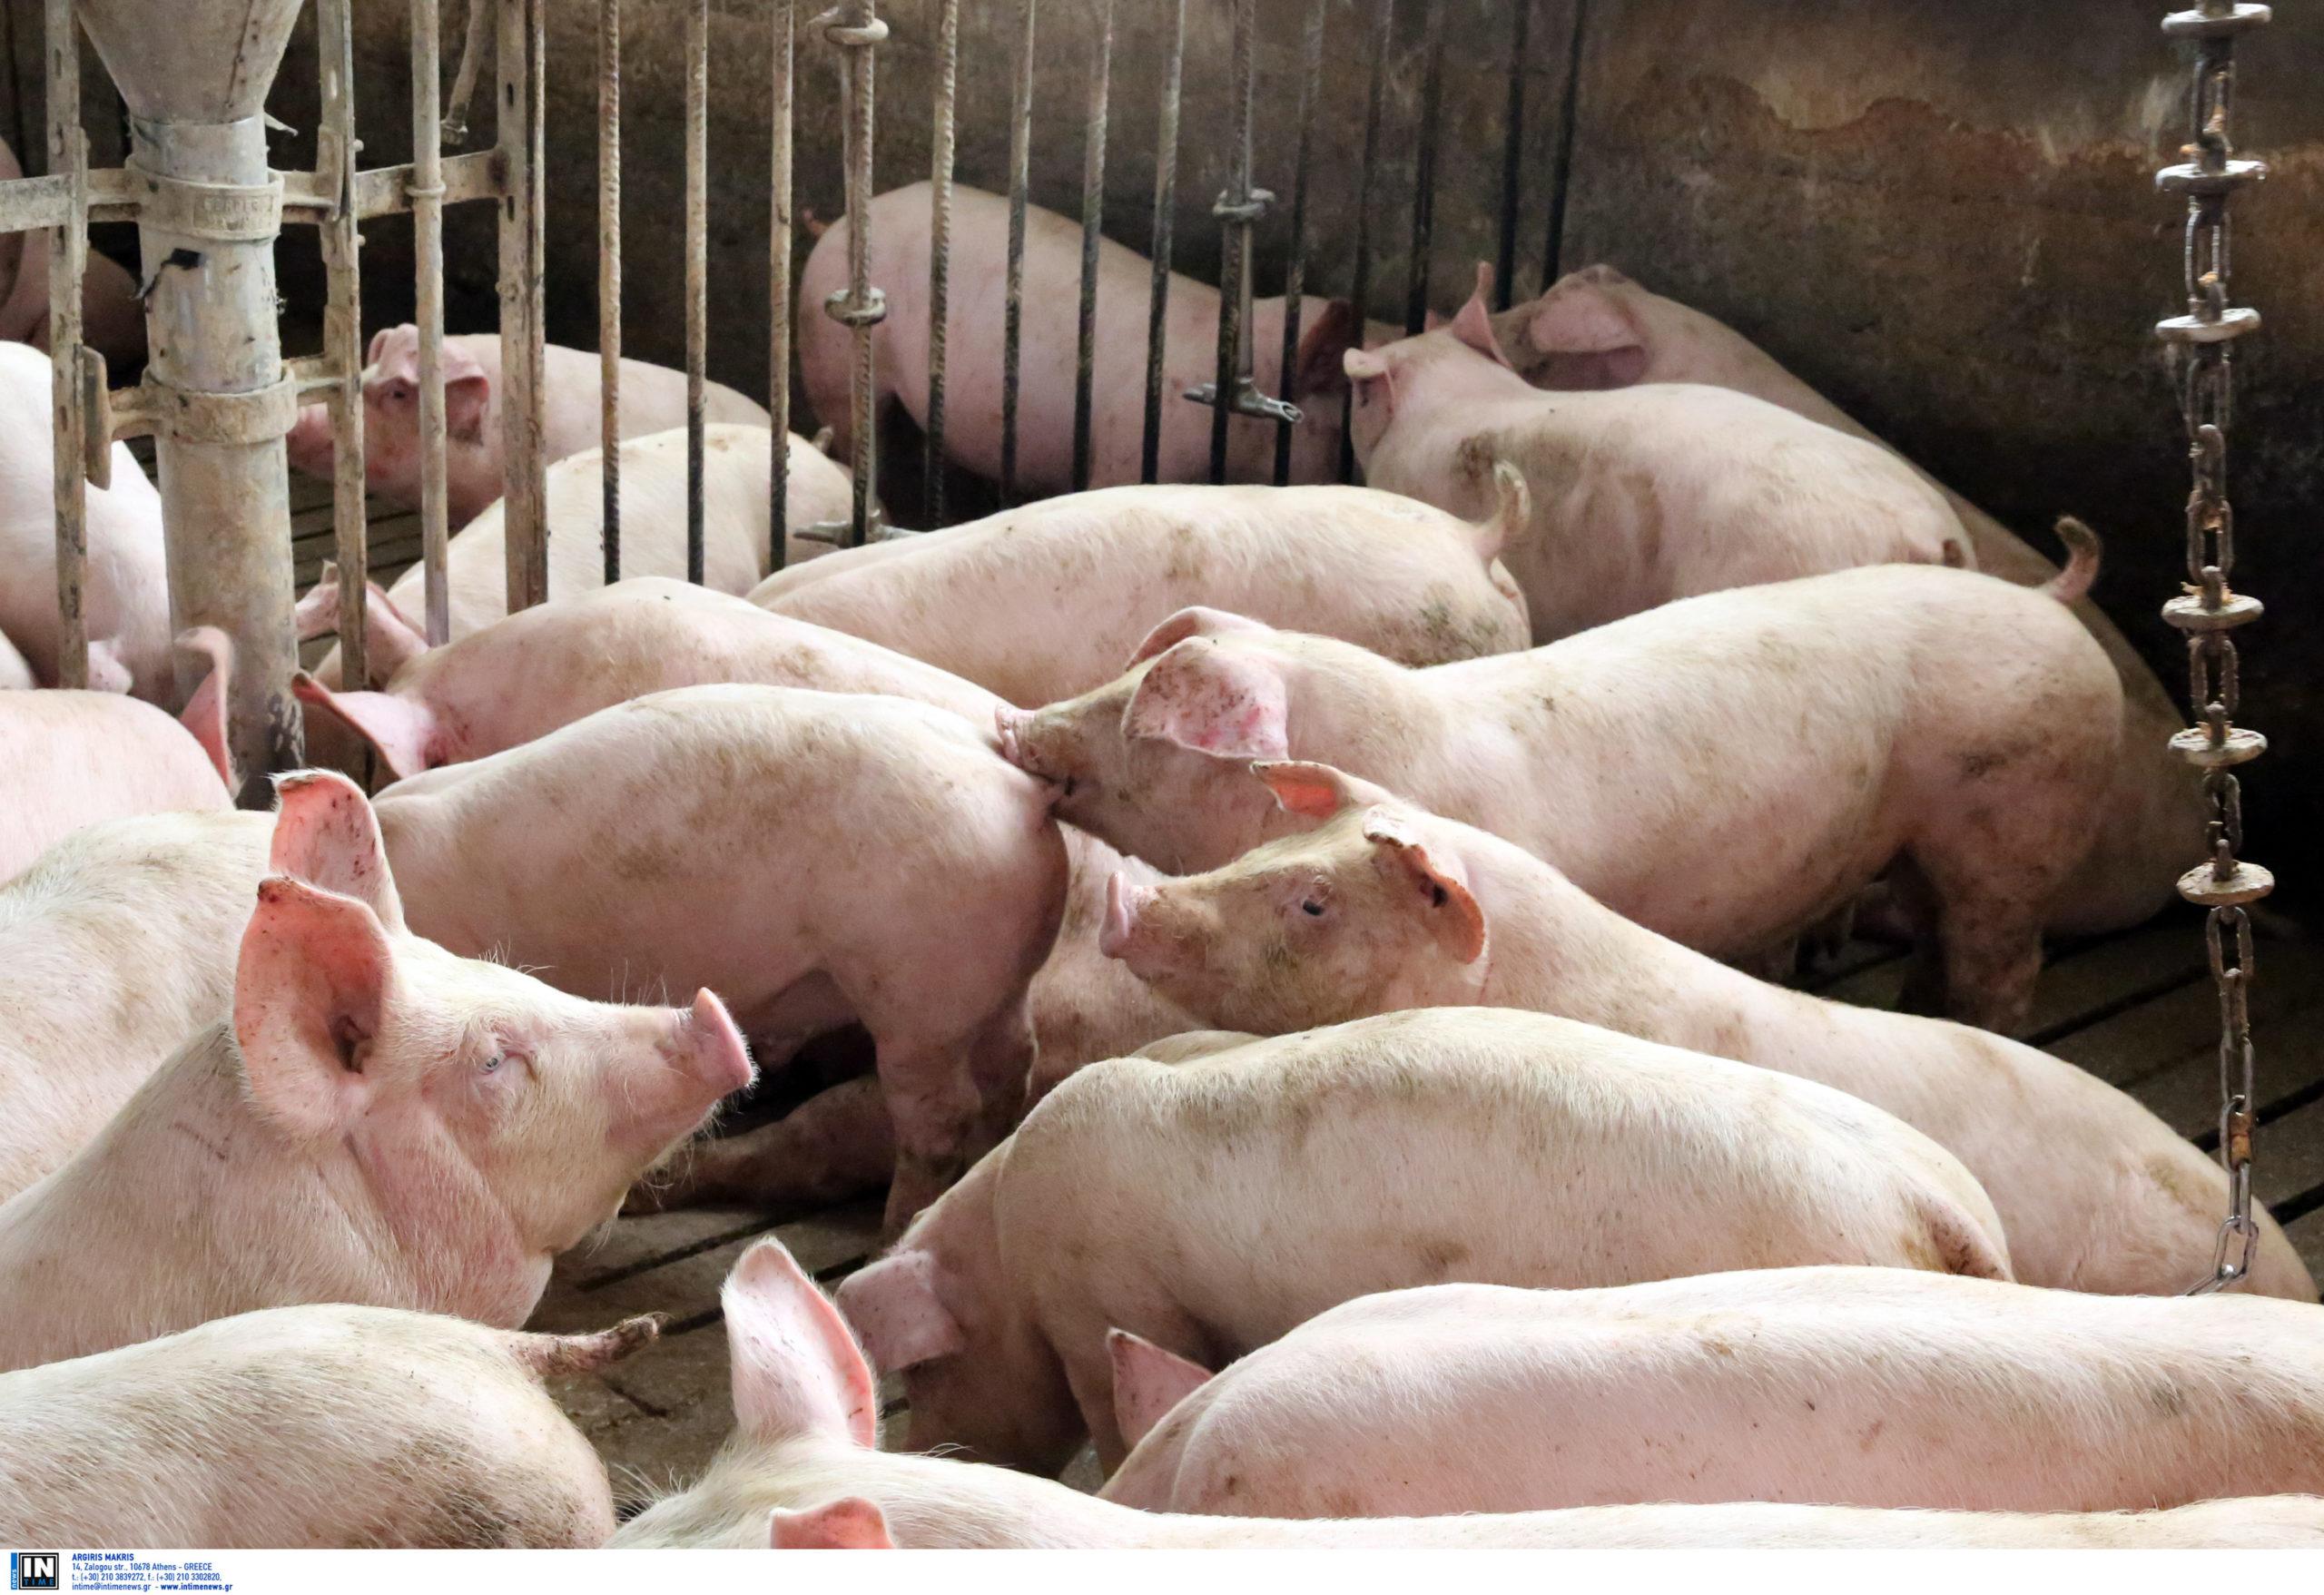 Αφρικανική πανώλη: Θανατώθηκαν όλα τα ζώα της μικρής φάρμας!